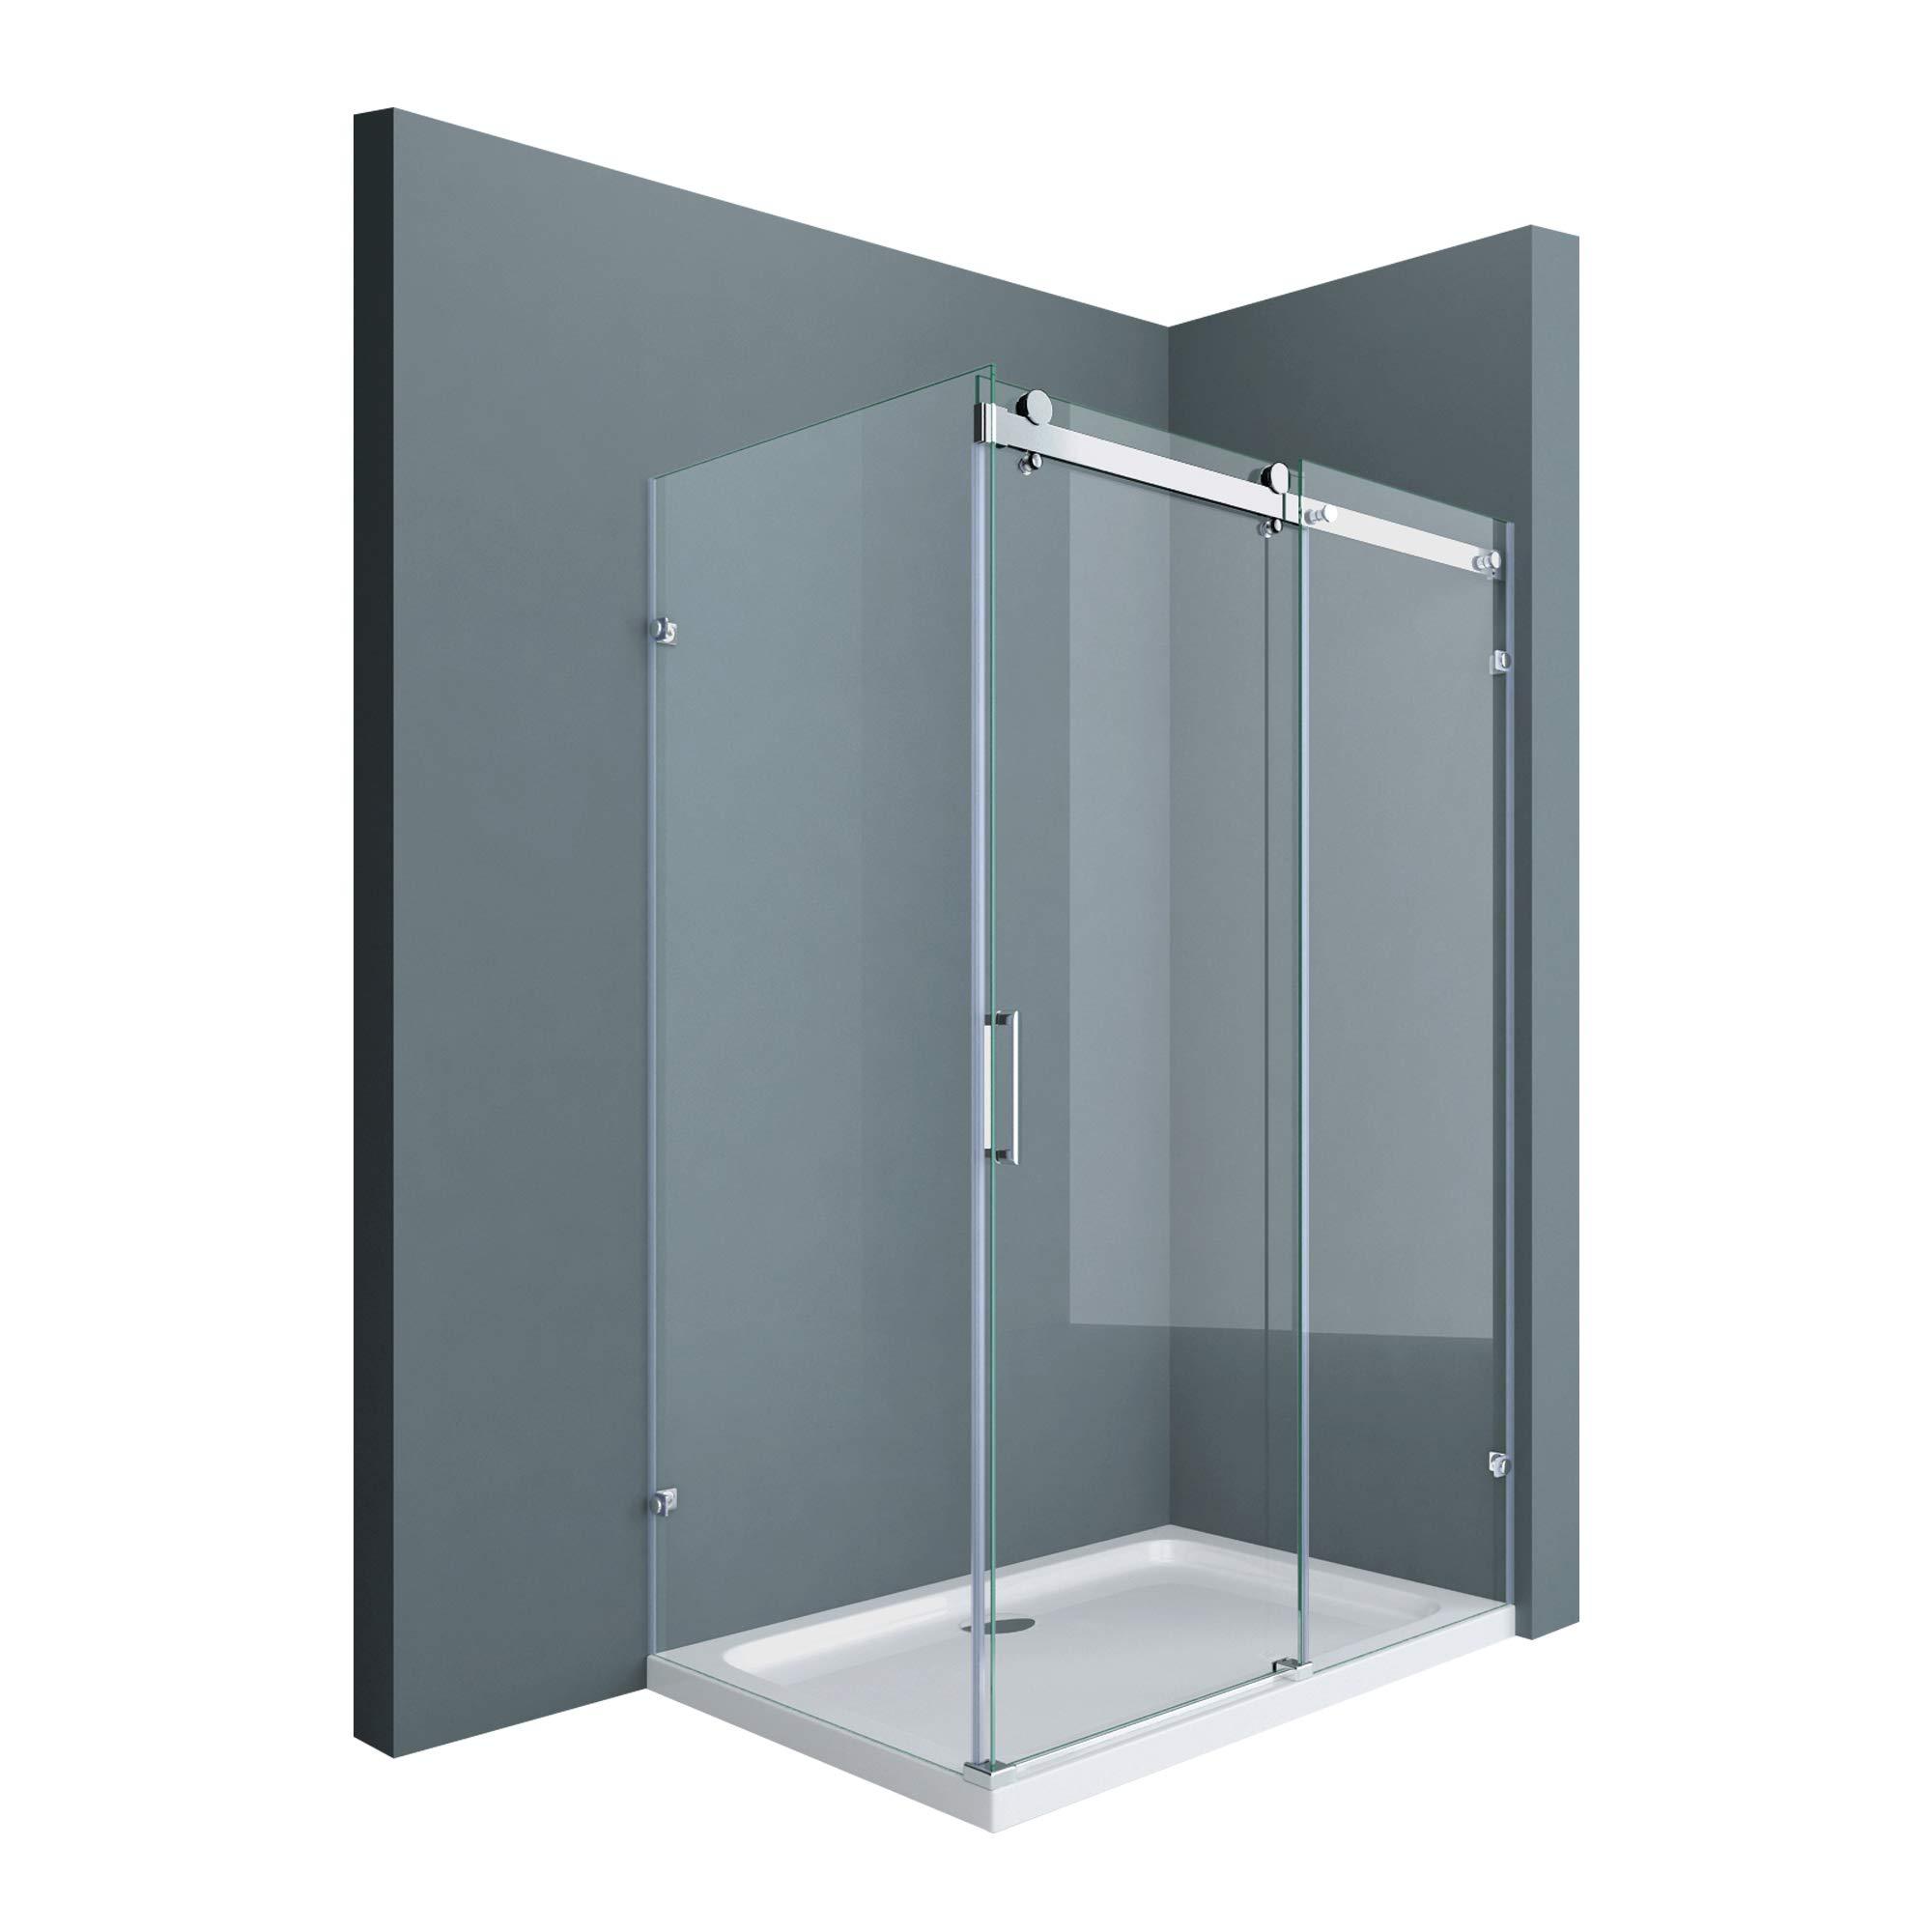 Sogood Cabina de ducha de esquina Ravenna17-2, 90x150x195cm mampara de ducha con puerta corredera de vidrio de seguridad templado transparente | con 4 puntos de fijación: Amazon.es: Bricolaje y herramientas